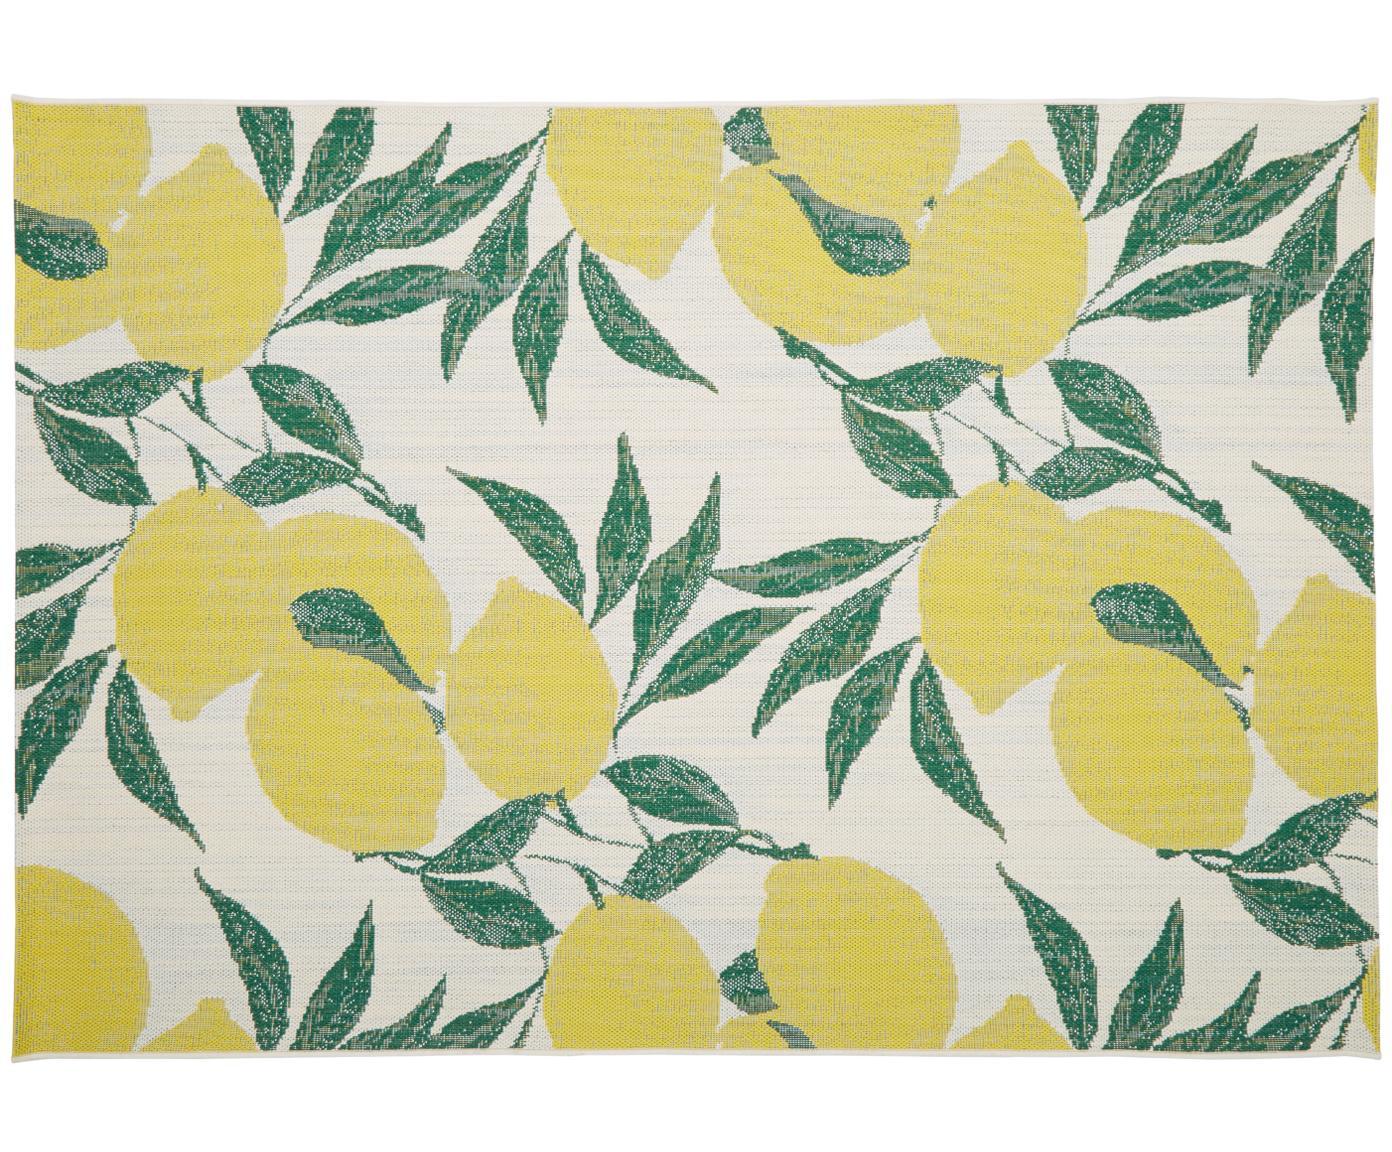 Tappeto da interno-esterno Limonia, Retro: poliestere, Bianco crema, giallo, verde, Larg. 160 x Lung. 230 cm (taglia M)